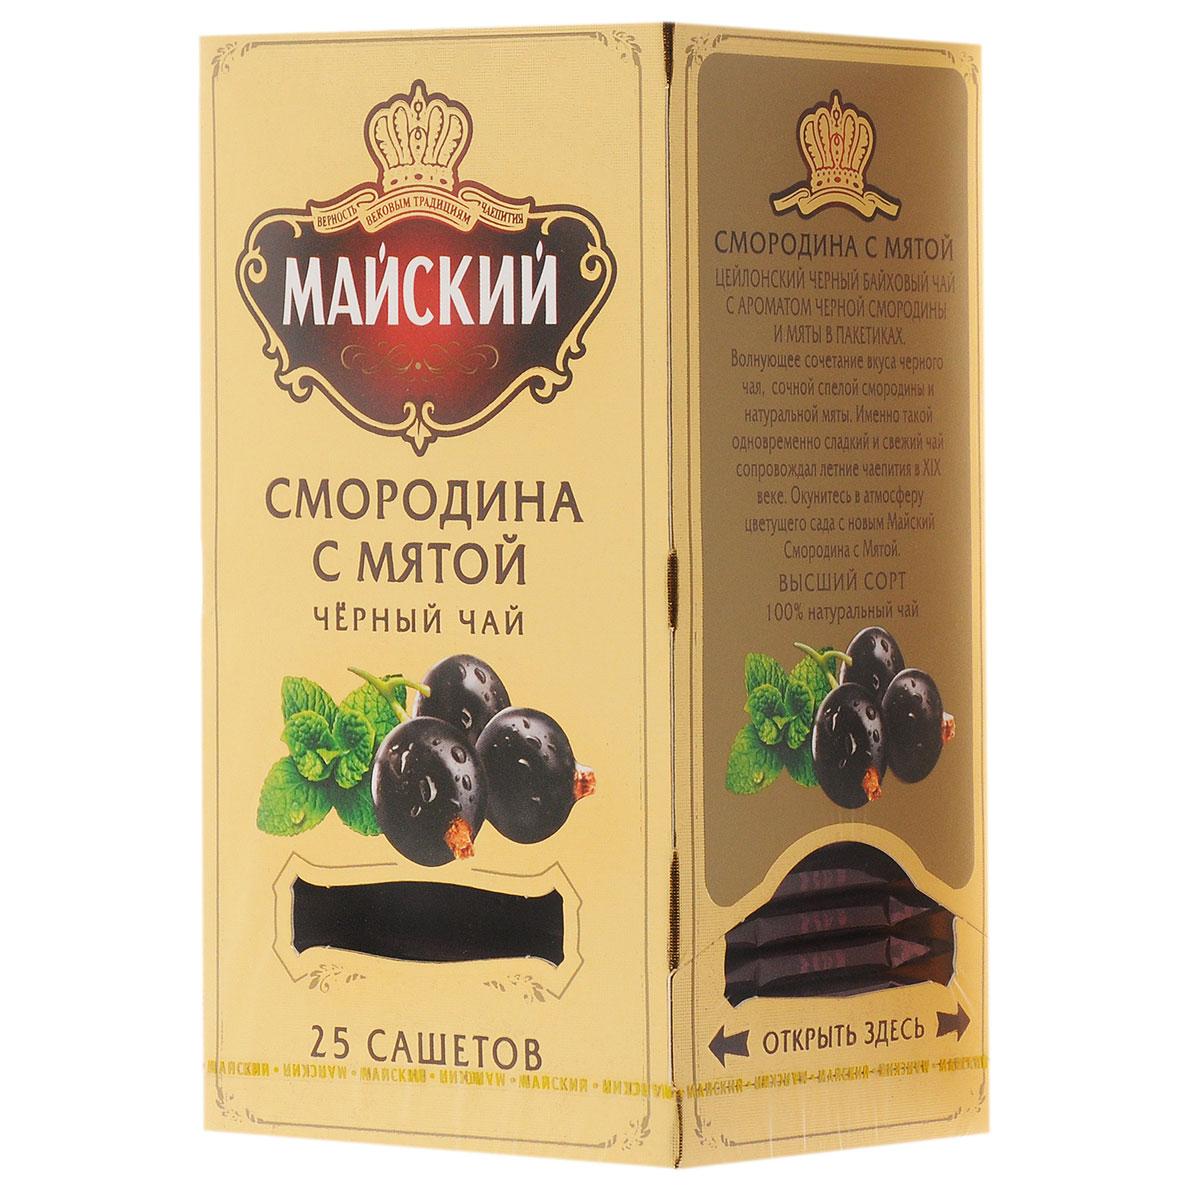 Майский Смородина с мятой черный ароматизированный чай в пакетиках, 25 шт114151Майский Смородина с мятой - это волнующее сочетание вкуса черного чая, сочной спелой смородины и натуральной мяты.